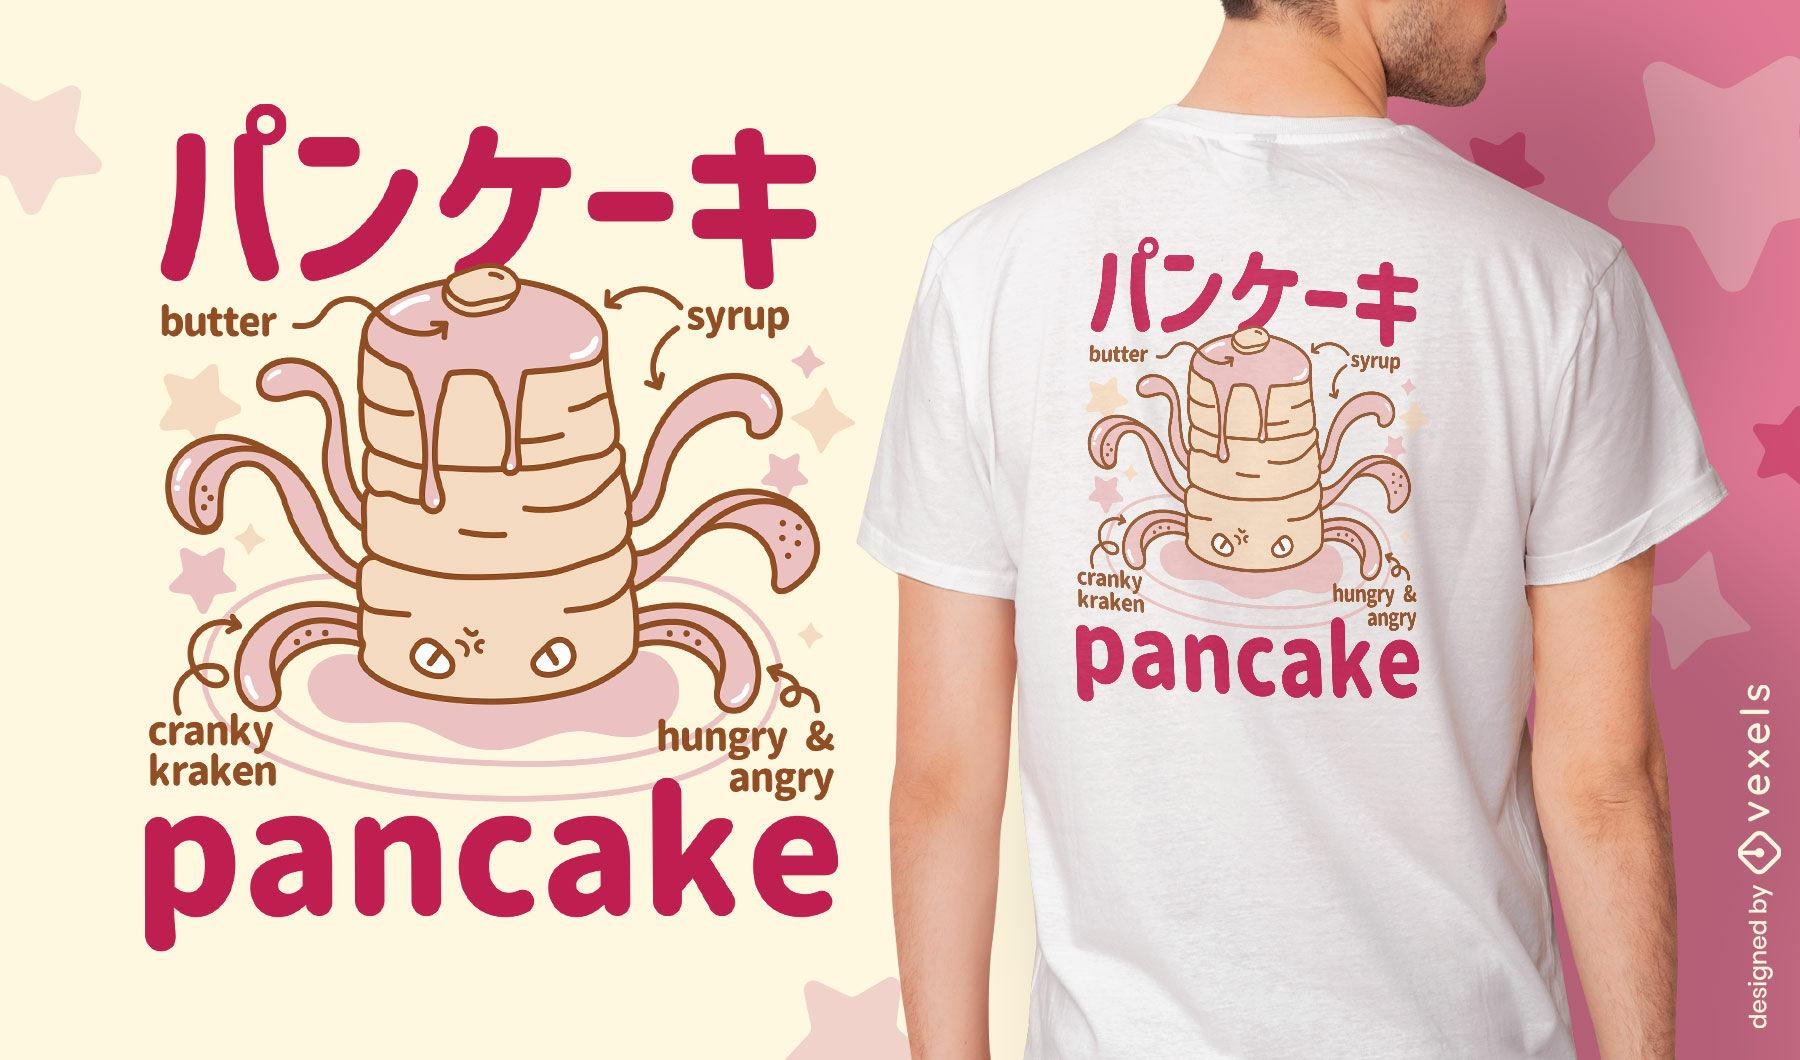 Dise?o de camiseta de monstruo de panqueques esponjosos japoneses